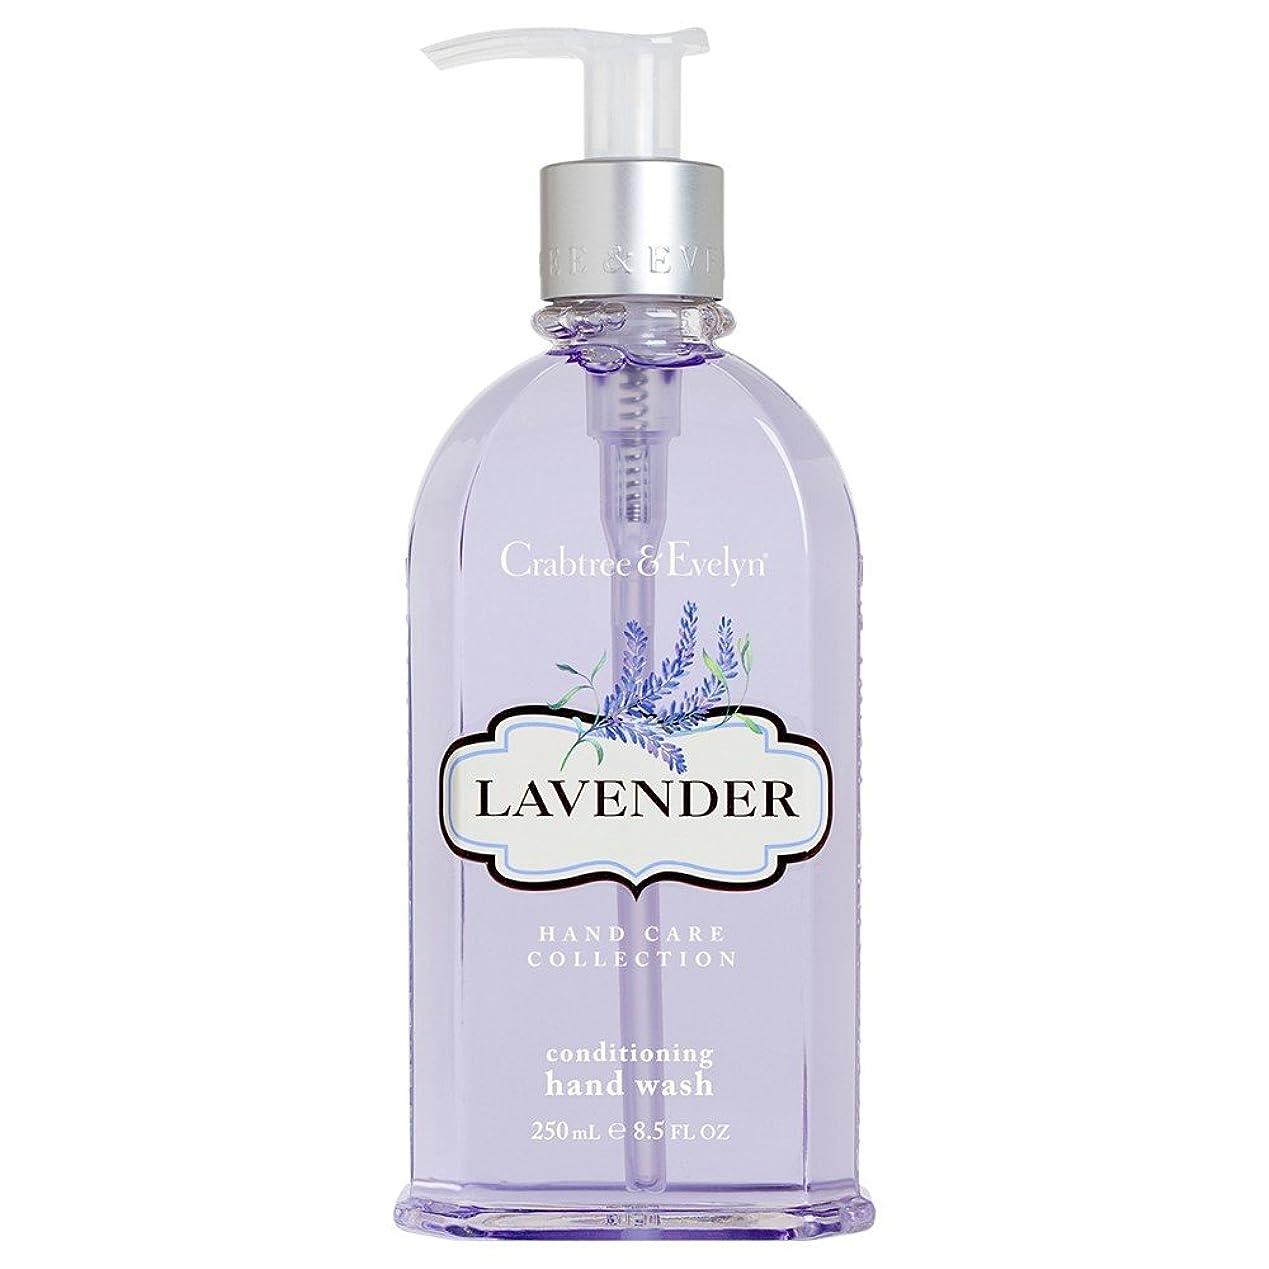 裕福な適用済み雑品クラブツリー&イヴリンラベンダーコンディショナーハンドウォッシュ250ミリリットル (Crabtree & Evelyn) (x6) - Crabtree & Evelyn Lavender Conditioning Hand Wash 250ml (Pack of 6) [並行輸入品]